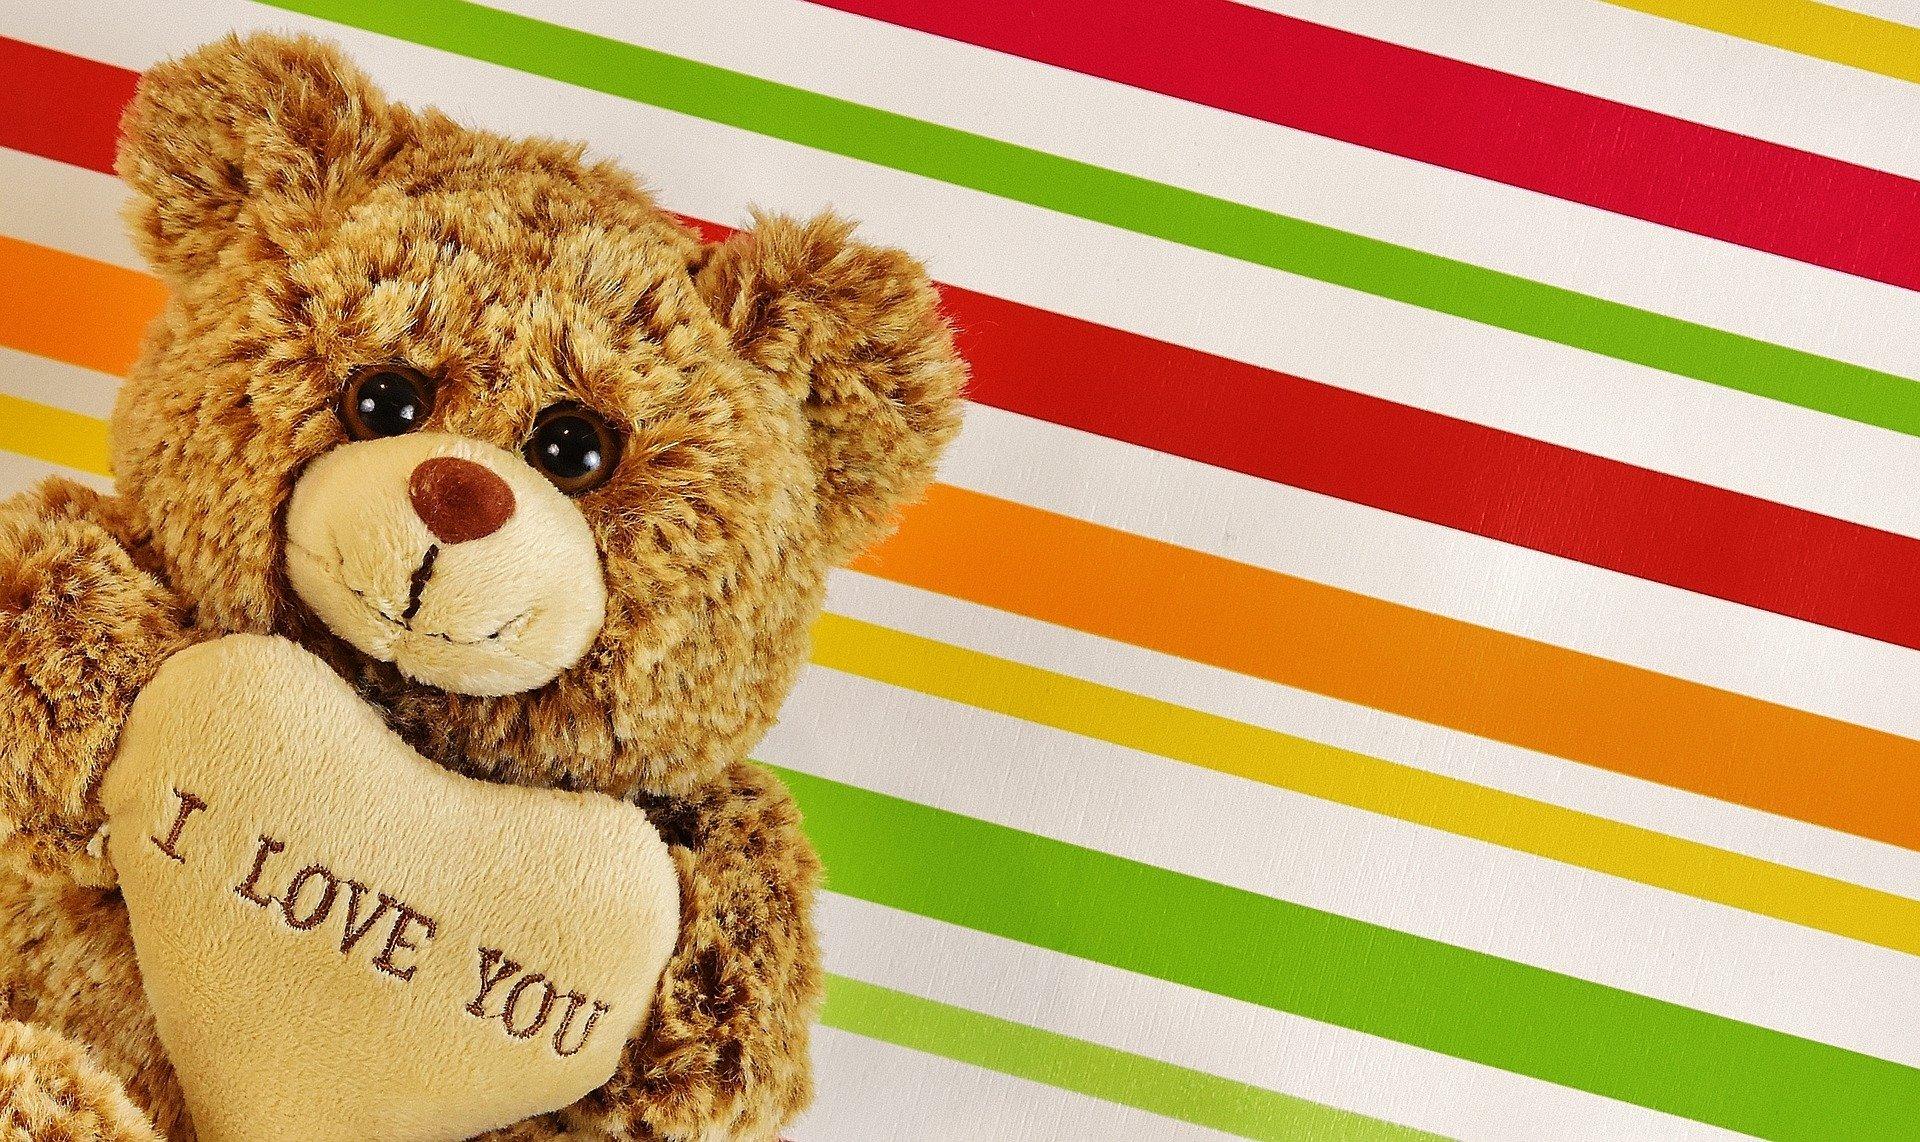 Sekretne życzenia Walentynkowe Wierszyk Dla Dzieci